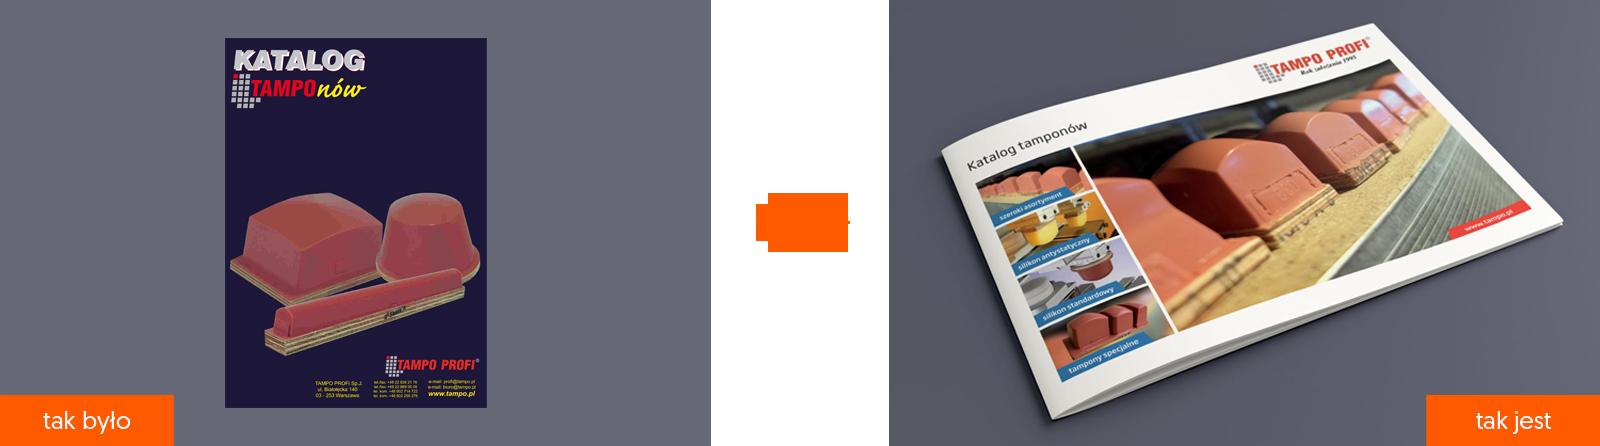 Rebranding katalogi Tampo Profi